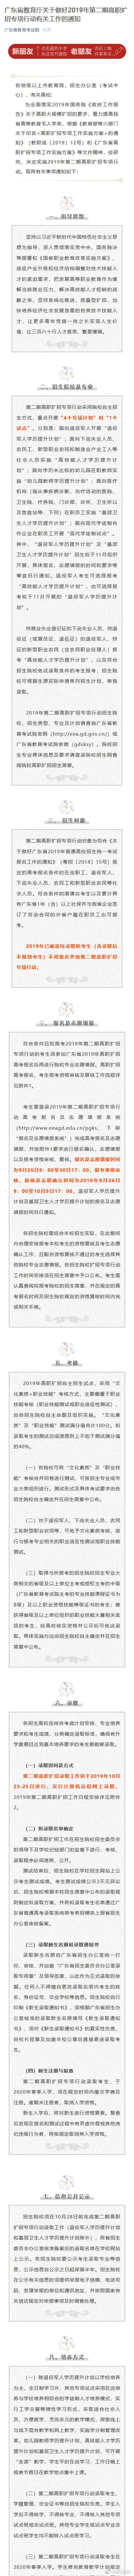 广东省教育厅关于做好2019年第二期高职扩招专项行动有关工作的通知